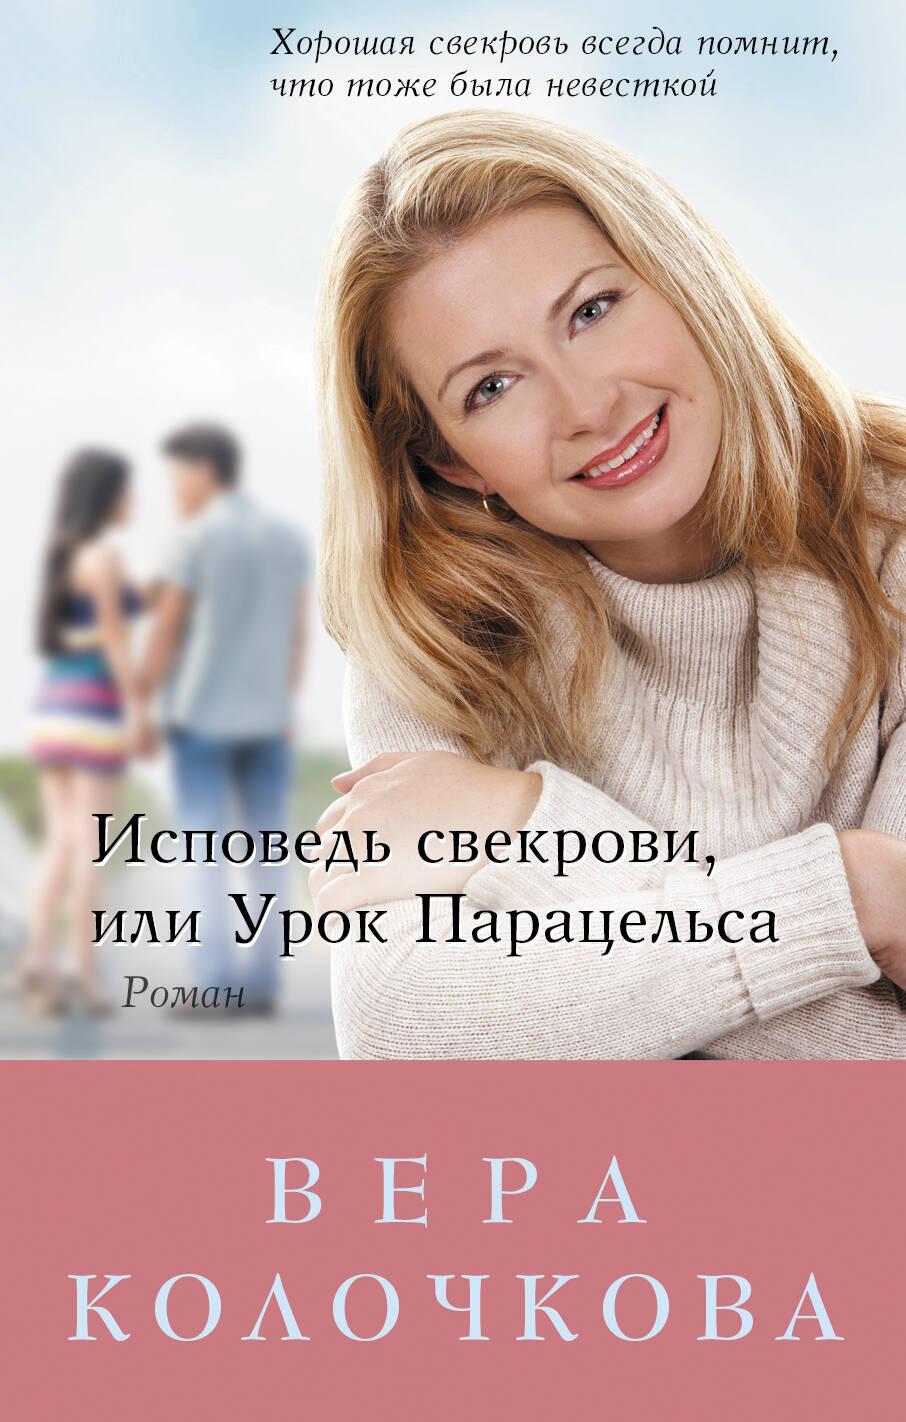 Книжку ежедневник свекрови в формате fb2